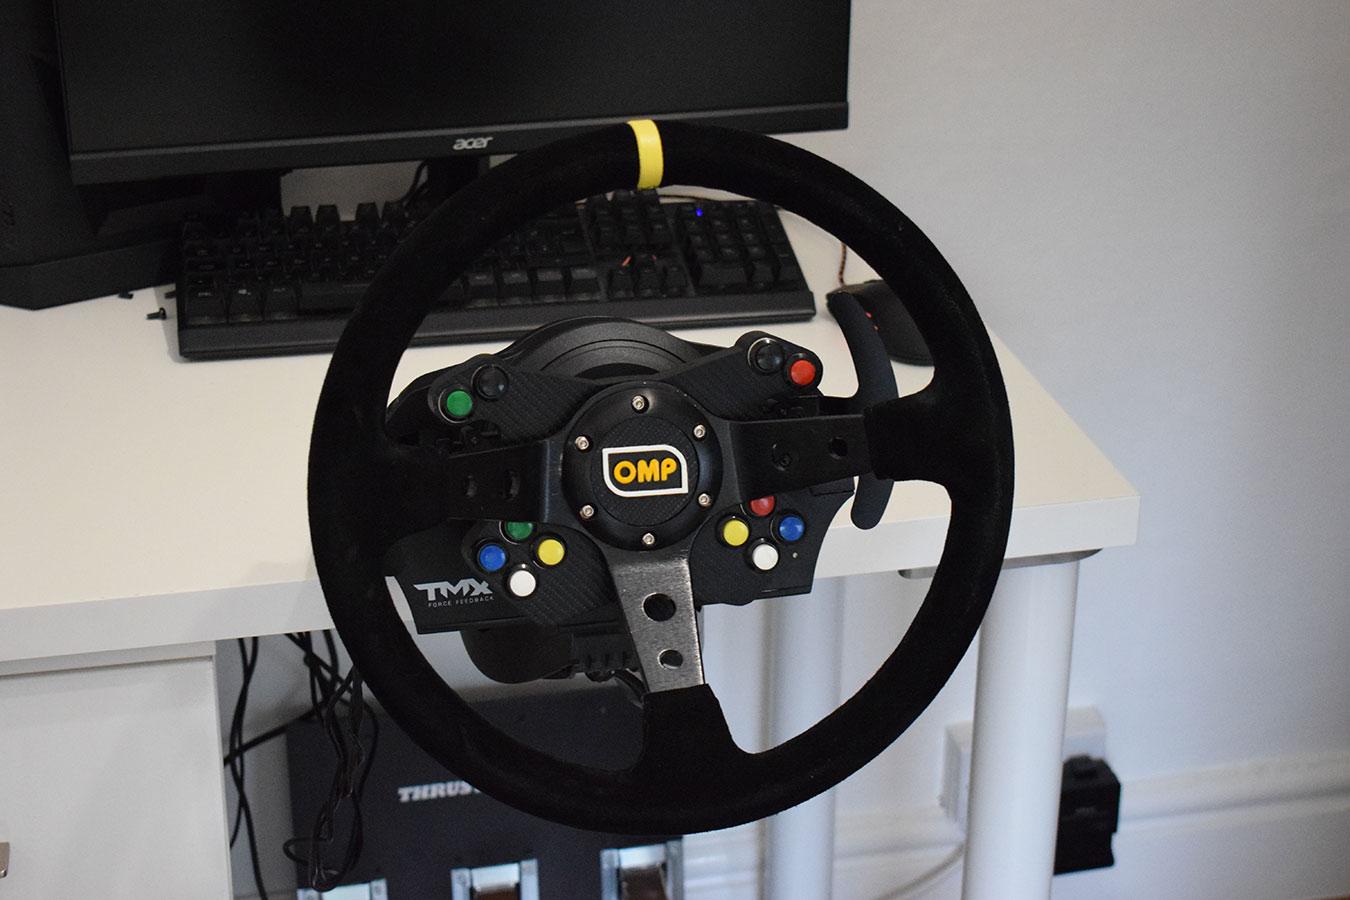 Custom Steering Rim For Thrustmaster Tmx